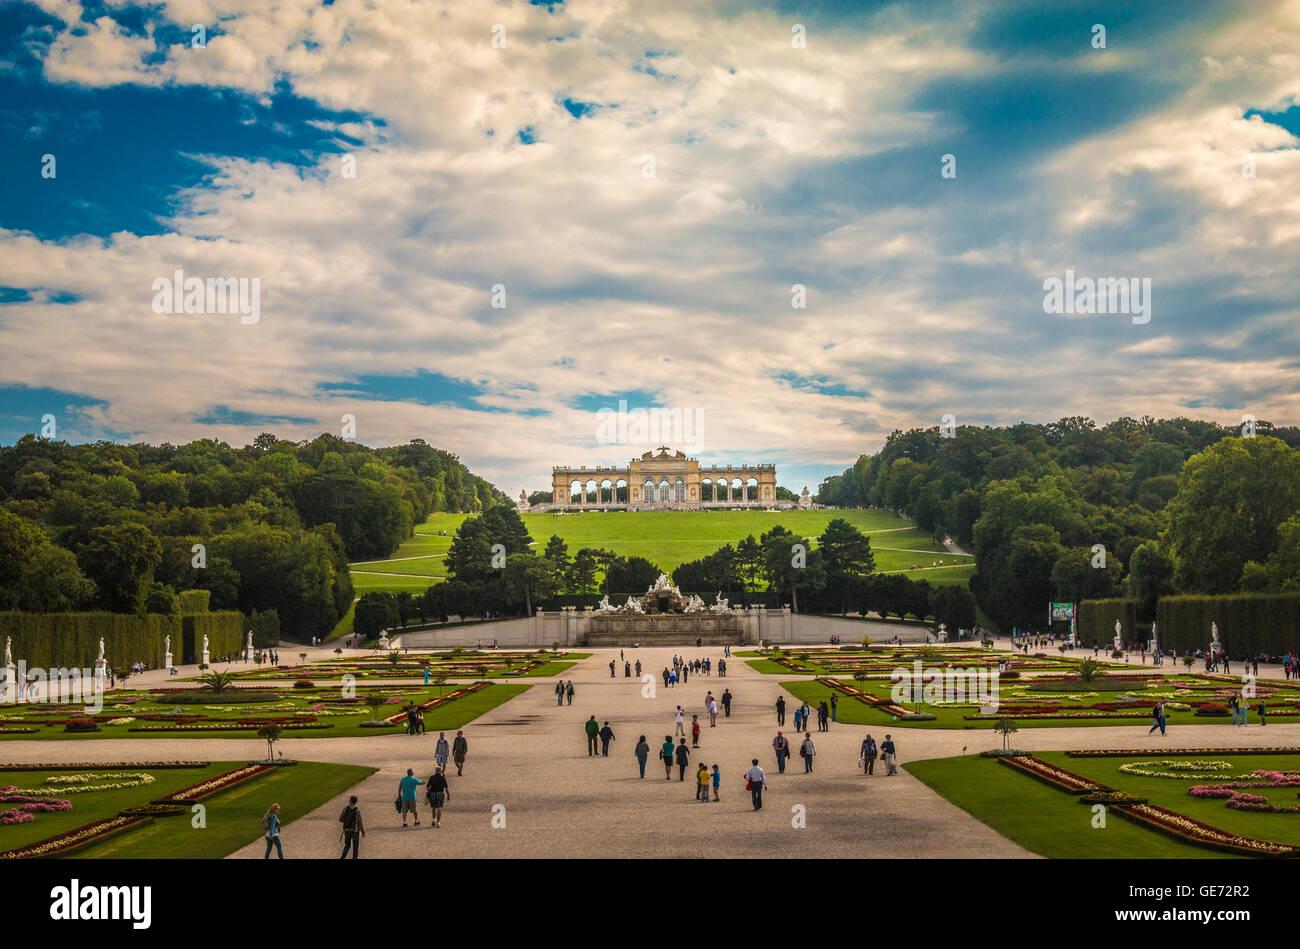 Le palais de Schönbrunn à Vienne, Autriche Photo Stock